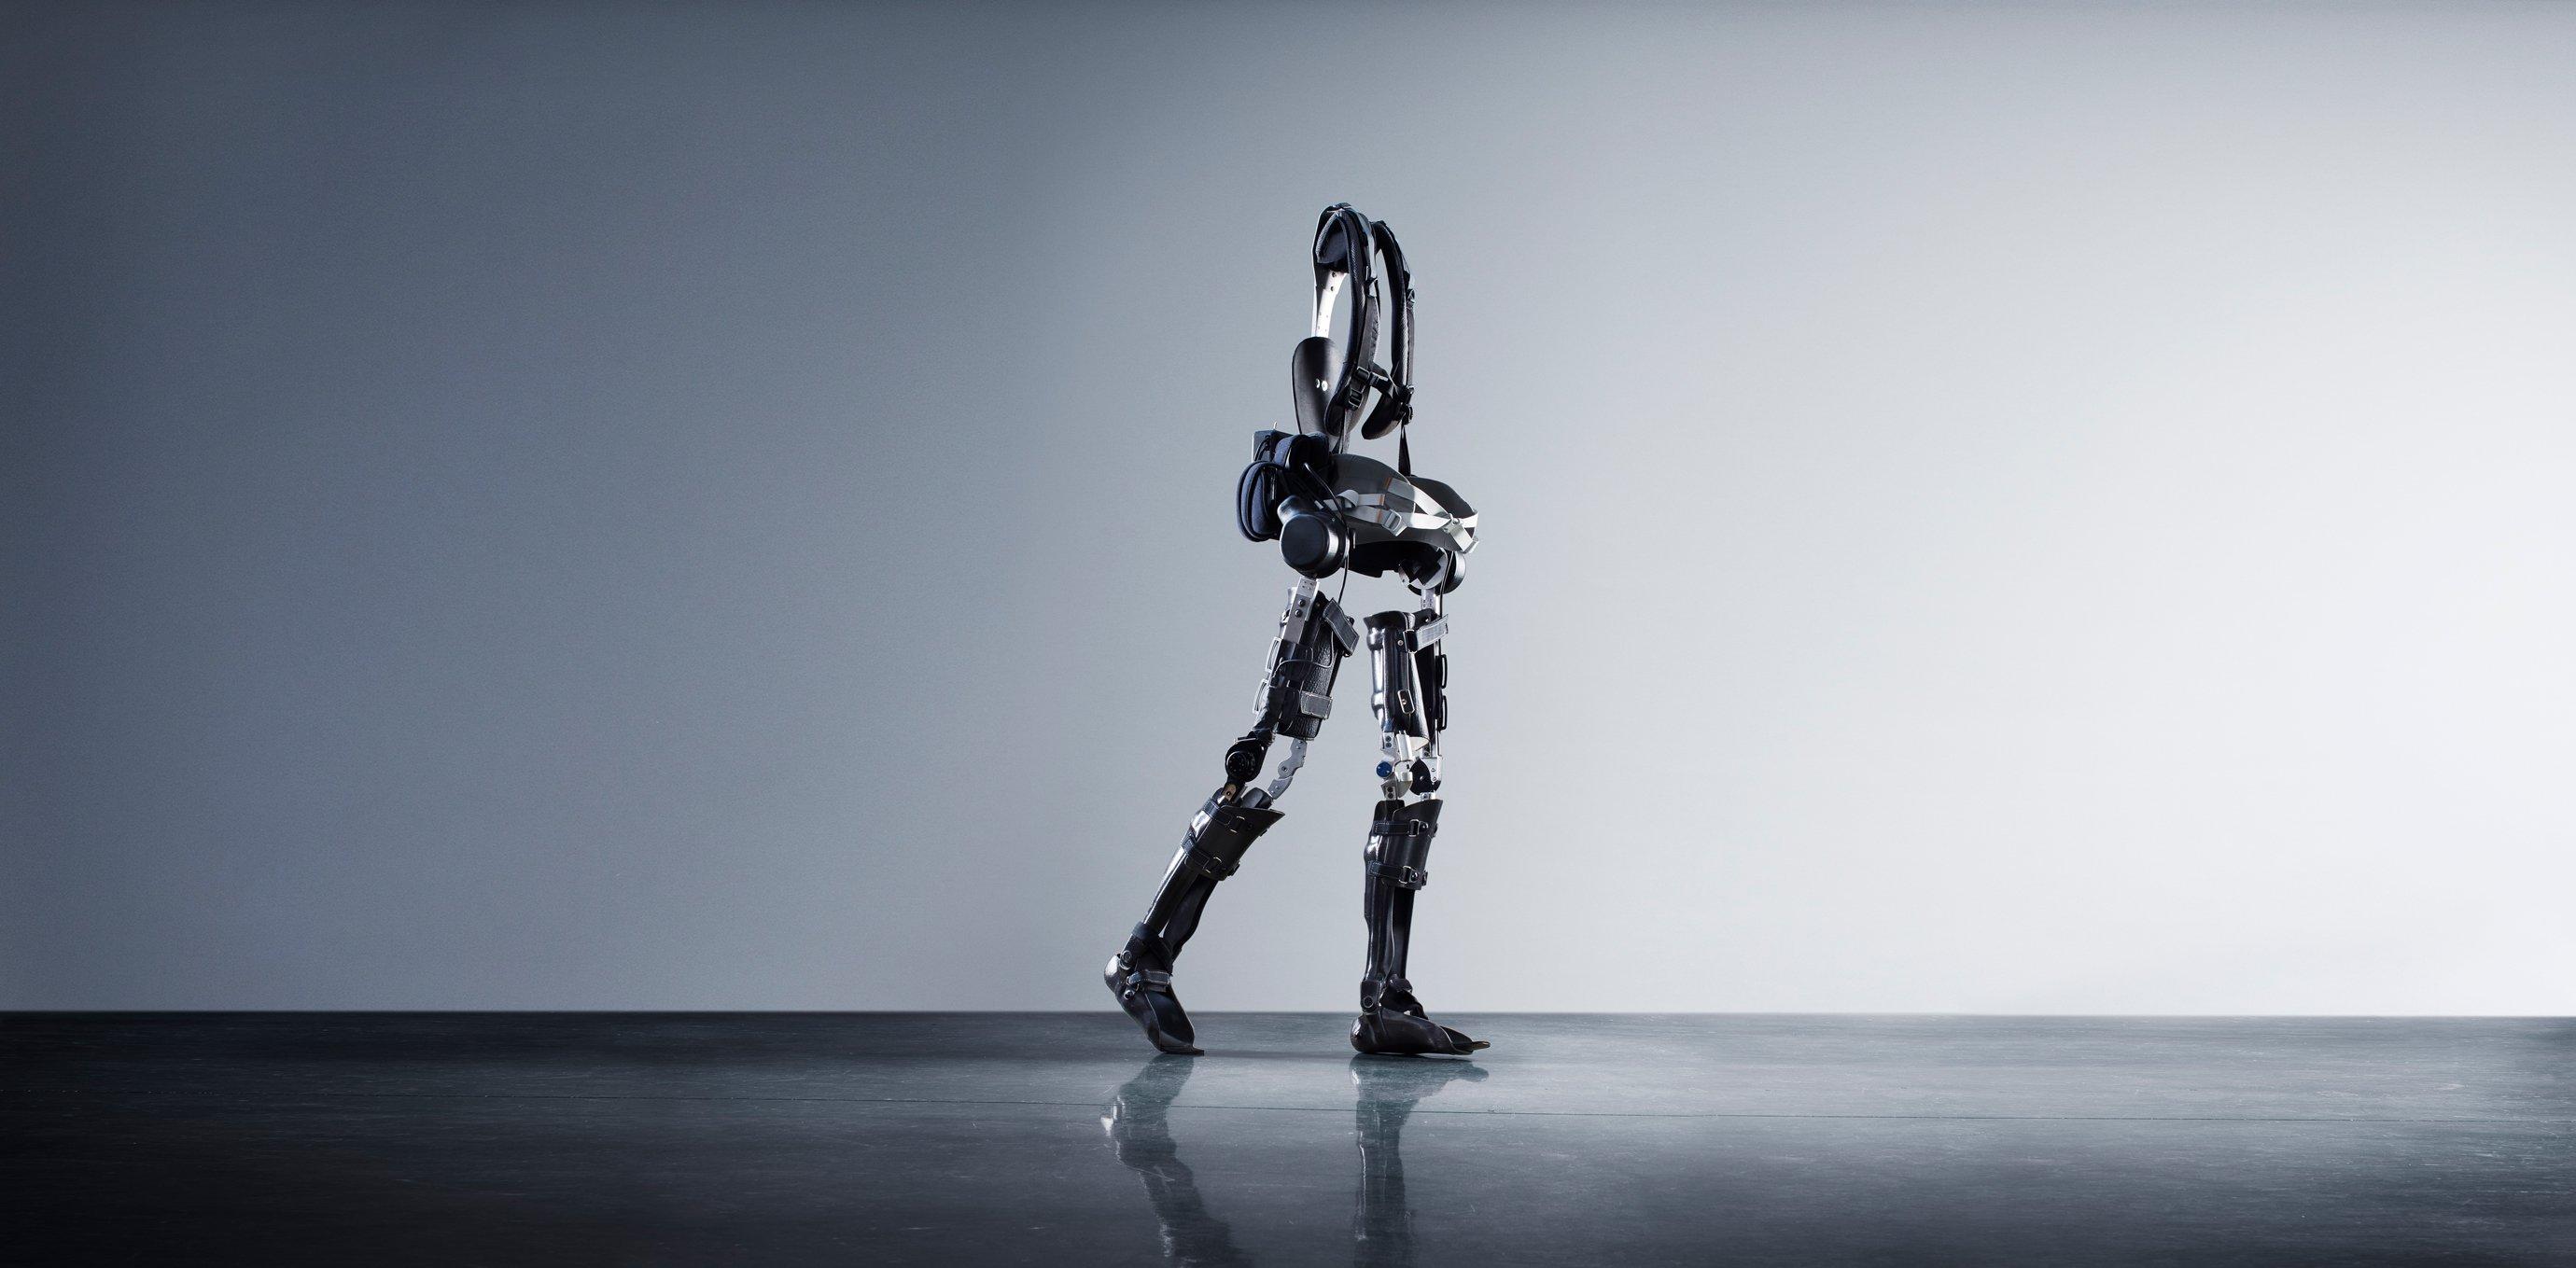 L'esoscheletro per disabili deve essere economico e accessibile a tutti